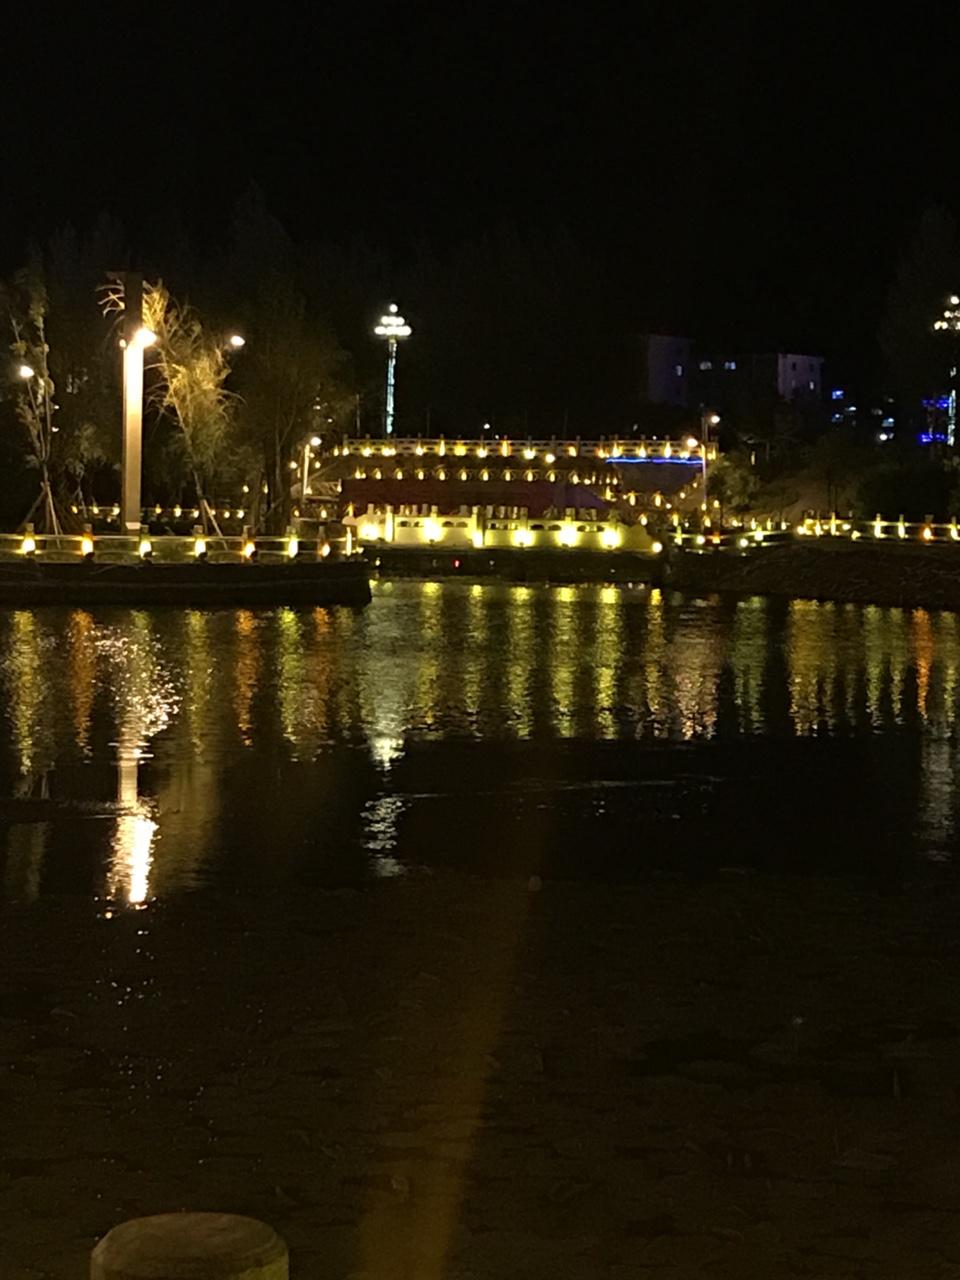 澳门轮盘赌场西湖夜景